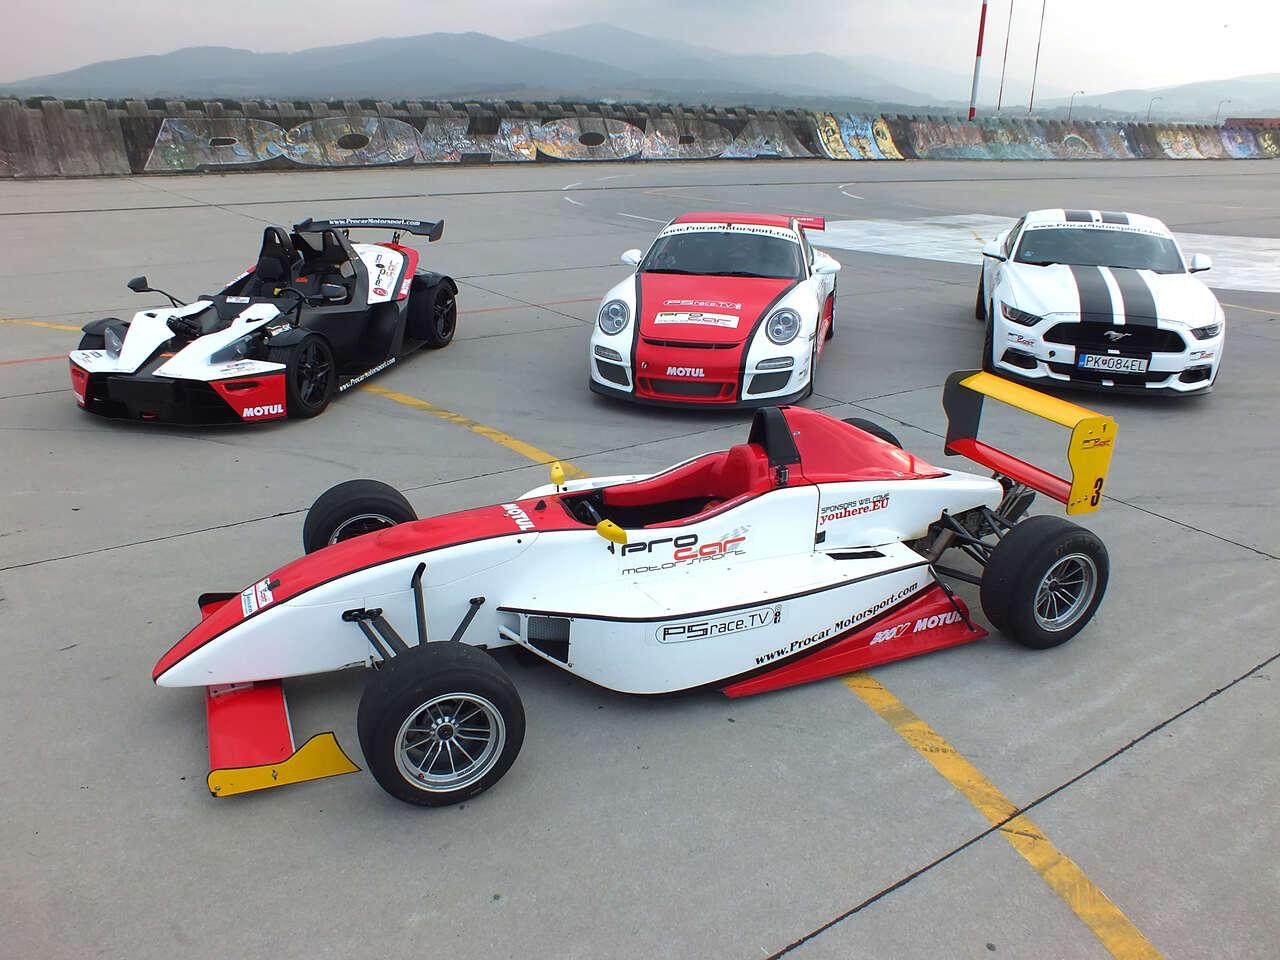 Jazda na pretekárskom aute podľa výberu Formula, Porsche 911 v GT3 úprave alebo Mustang GT V8